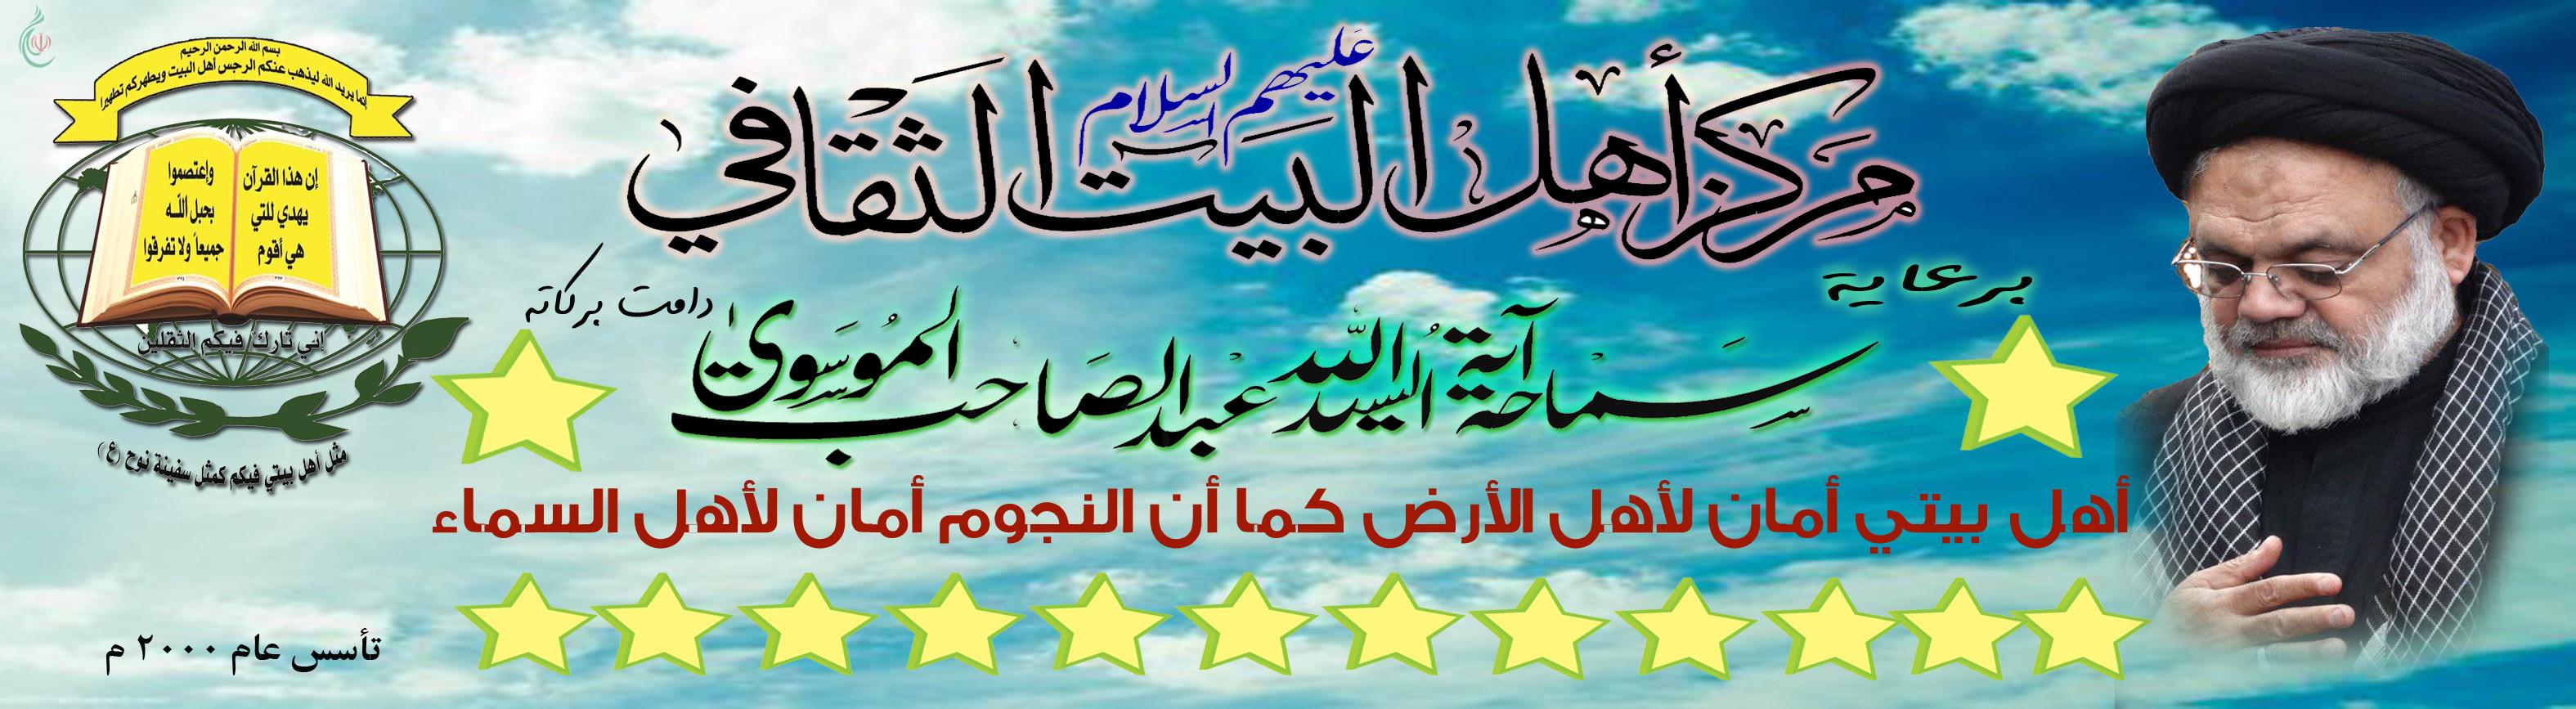 پيام حضرت آيت الله حاج سيد عبد الصاحب موسوی (دامت برکاته) به مناسبت وقوع سيل اخير در کشور و حوادث جاده ای